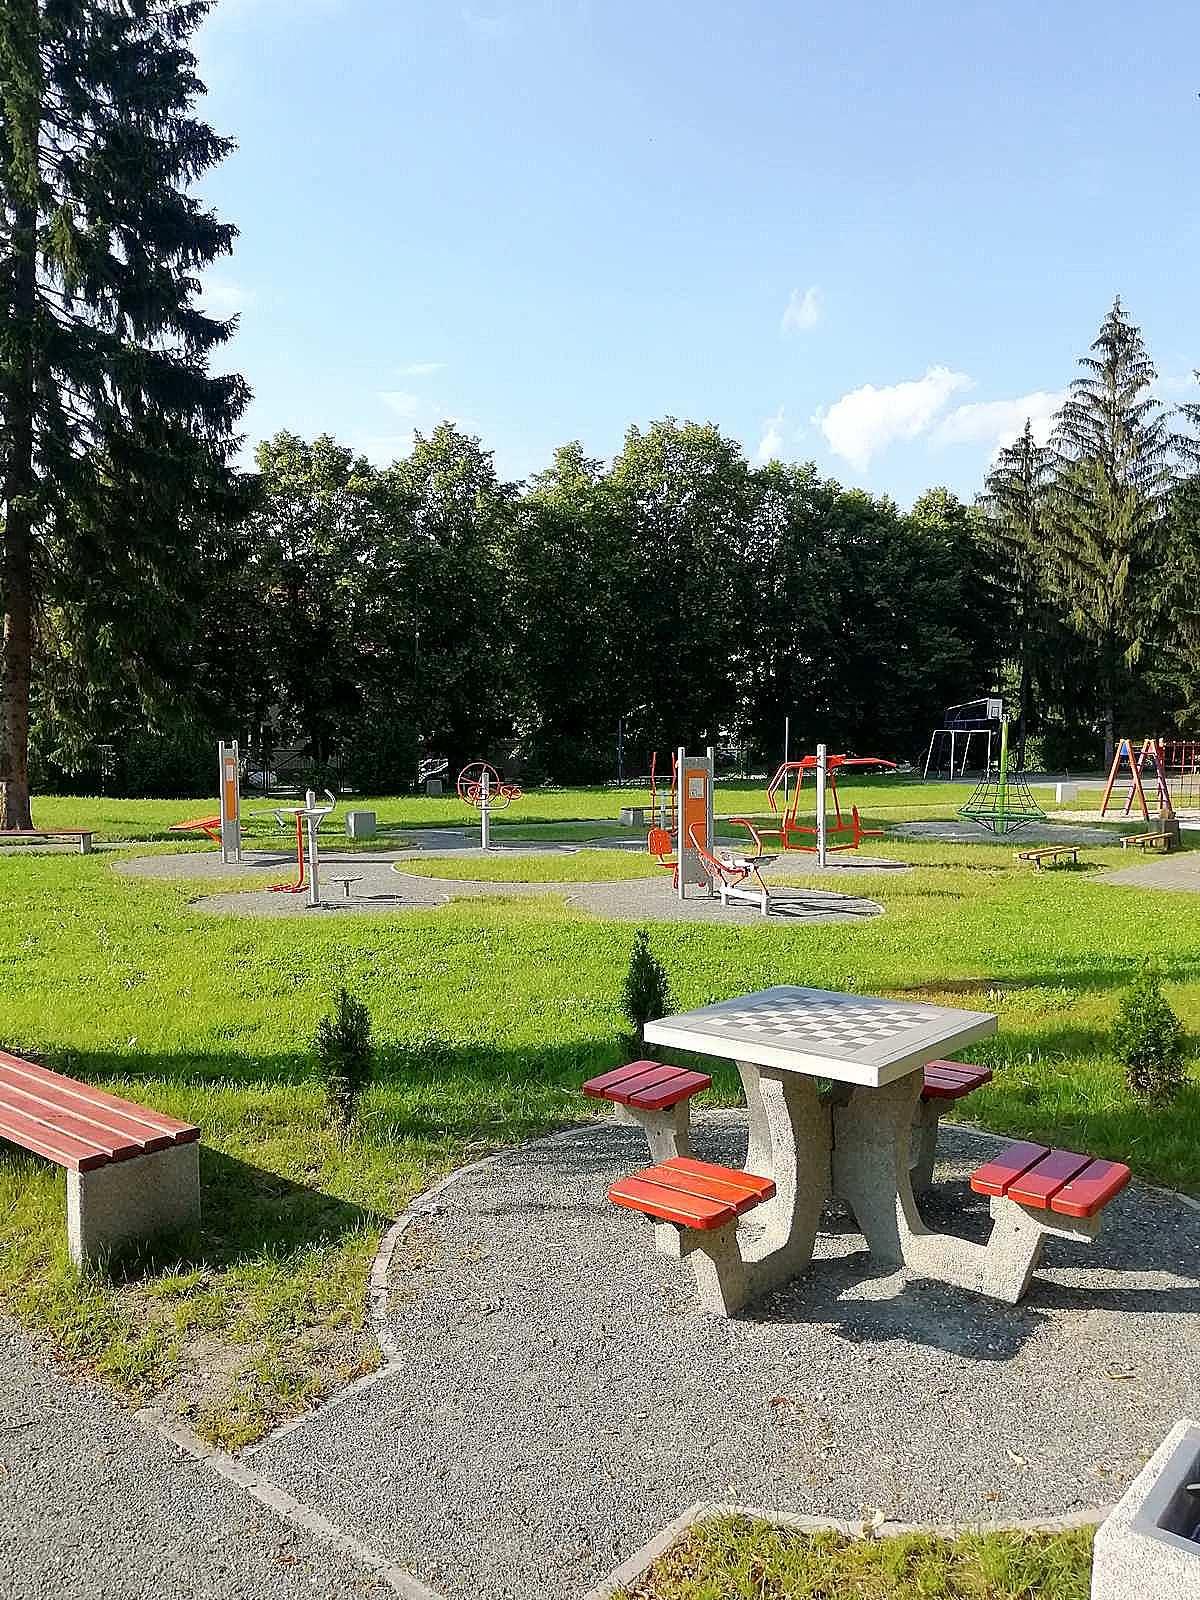 plac zabaw stół szachowy apartamentu fabryka endorfin w kłodzku/playground in apartment Fabryka Endorfin Klodzko